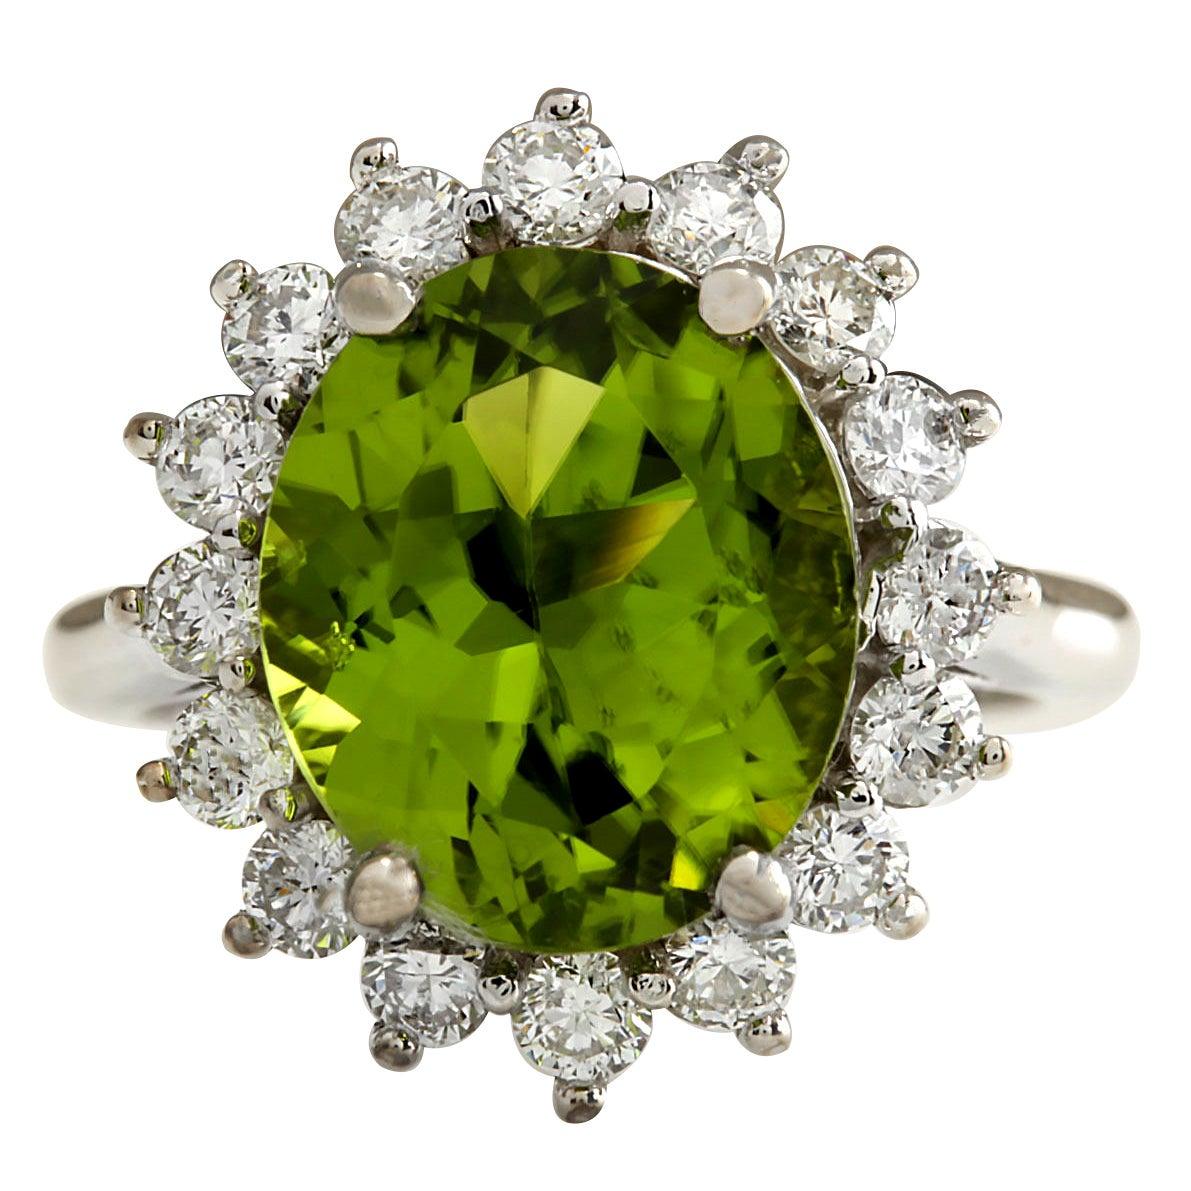 7.59 Carat Natural Peridot 18 Karat White Gold Diamond Ring